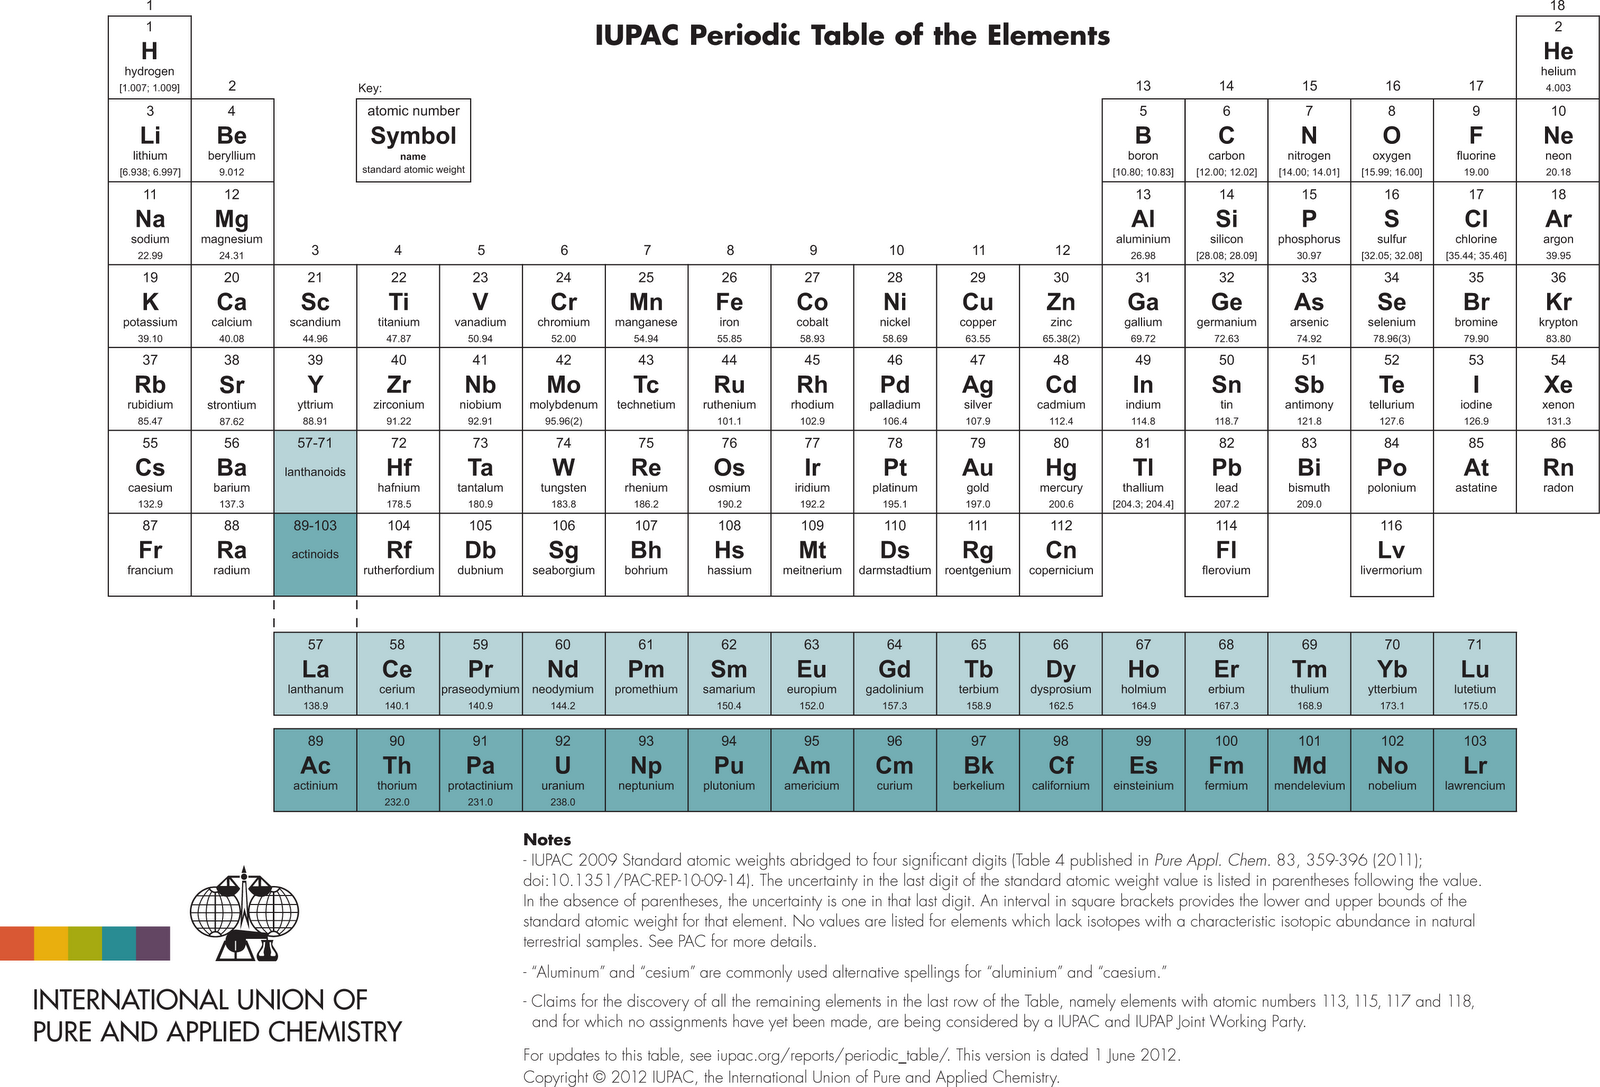 Heavy metal la nueva tabla peridicathe new periodic table esta la nueva tabla peridica incorporando los dos ltimos nombres y smbolos aprobados por la iupac el 30 de mayo de 2012 urtaz Choice Image